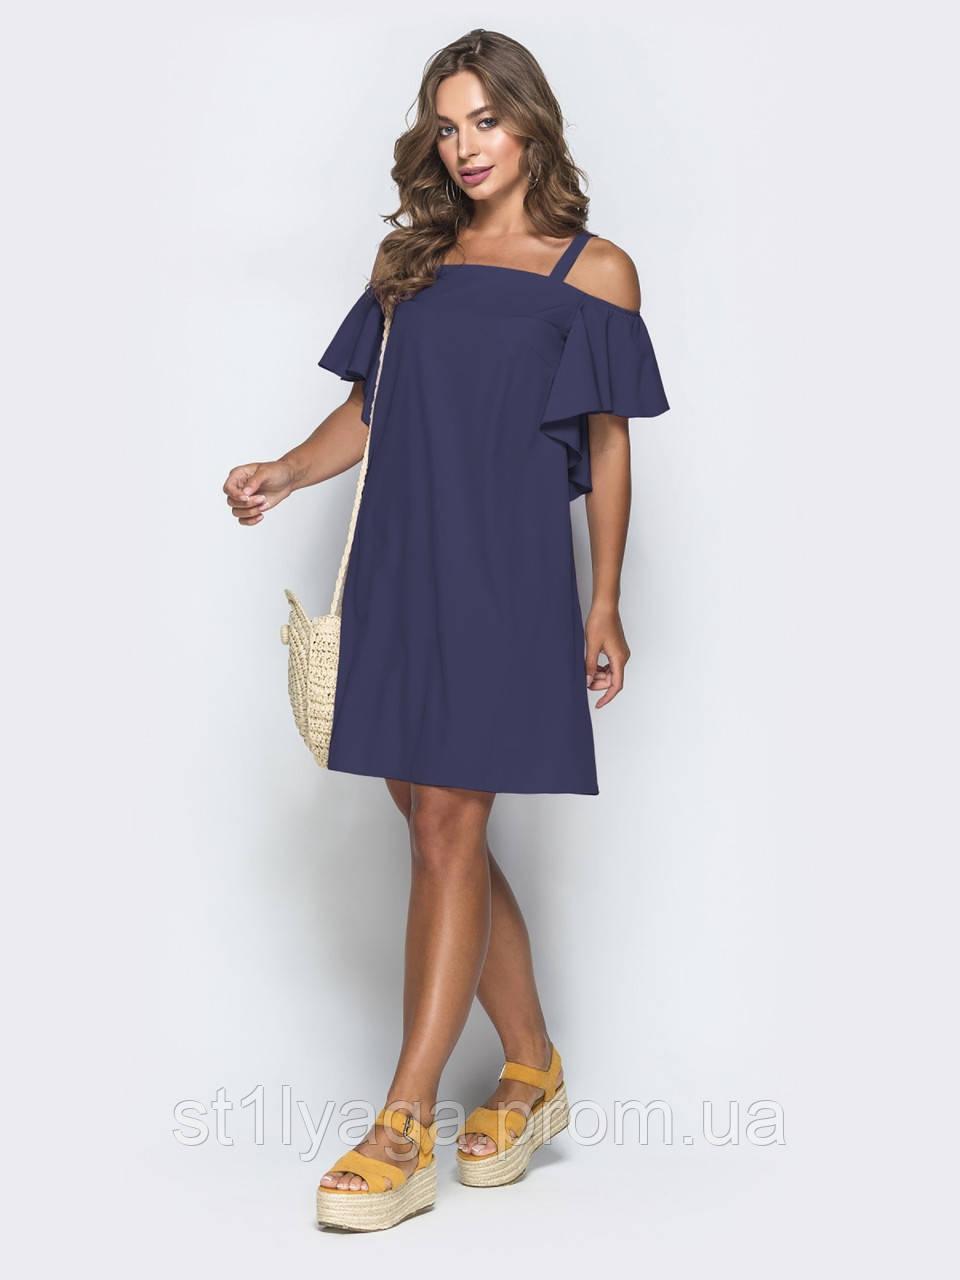 Платье мини свободного кроя с открытыми плечами синий